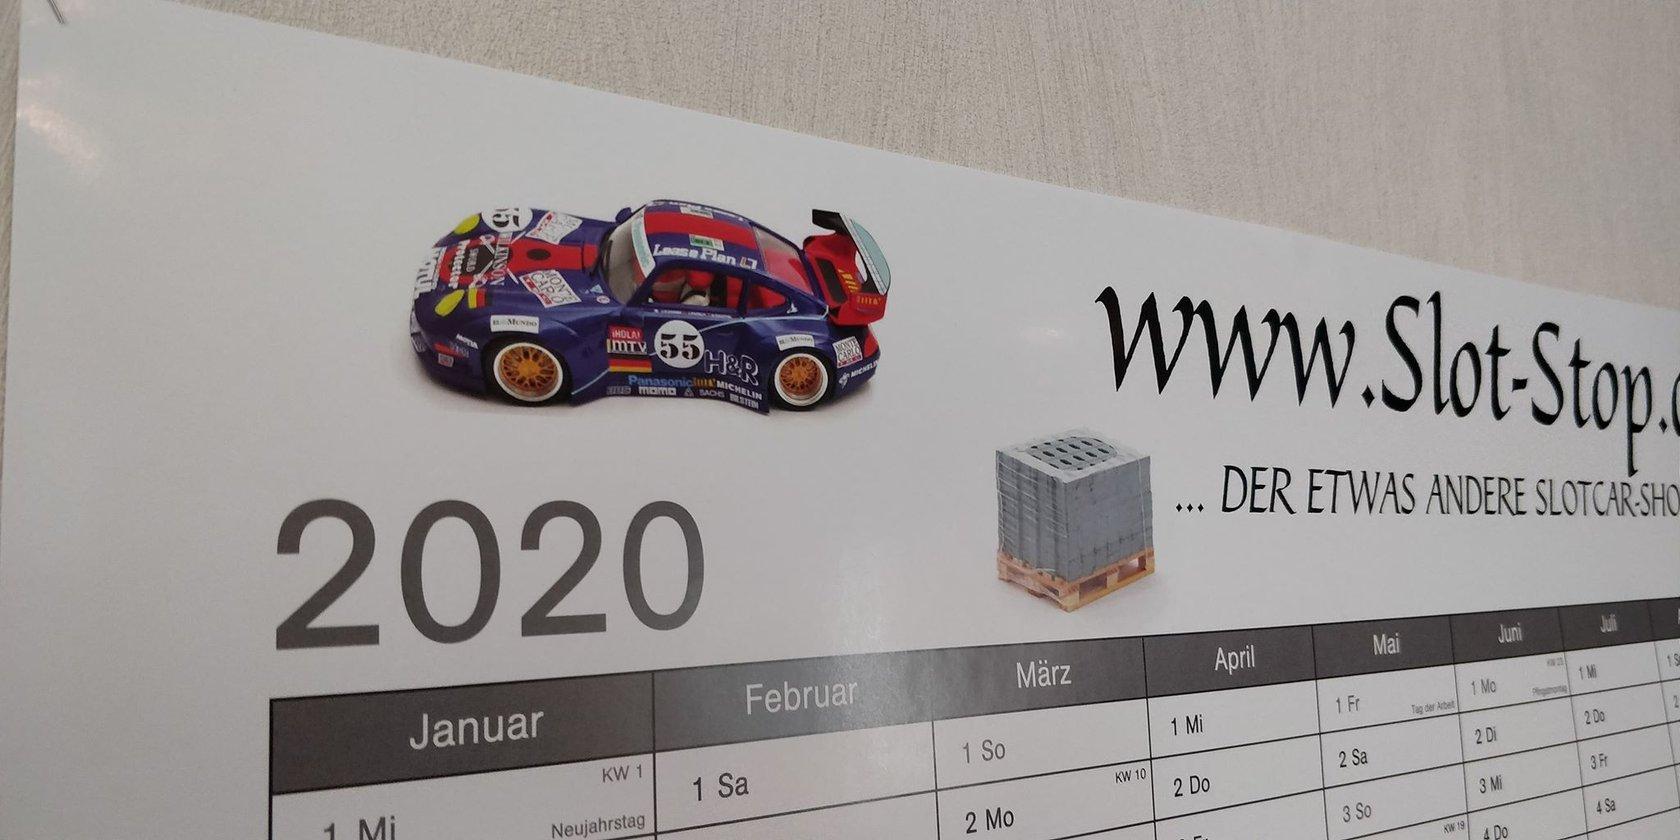 slot stop wand kalender 2019 din a1 slotcar slotracing. Black Bedroom Furniture Sets. Home Design Ideas